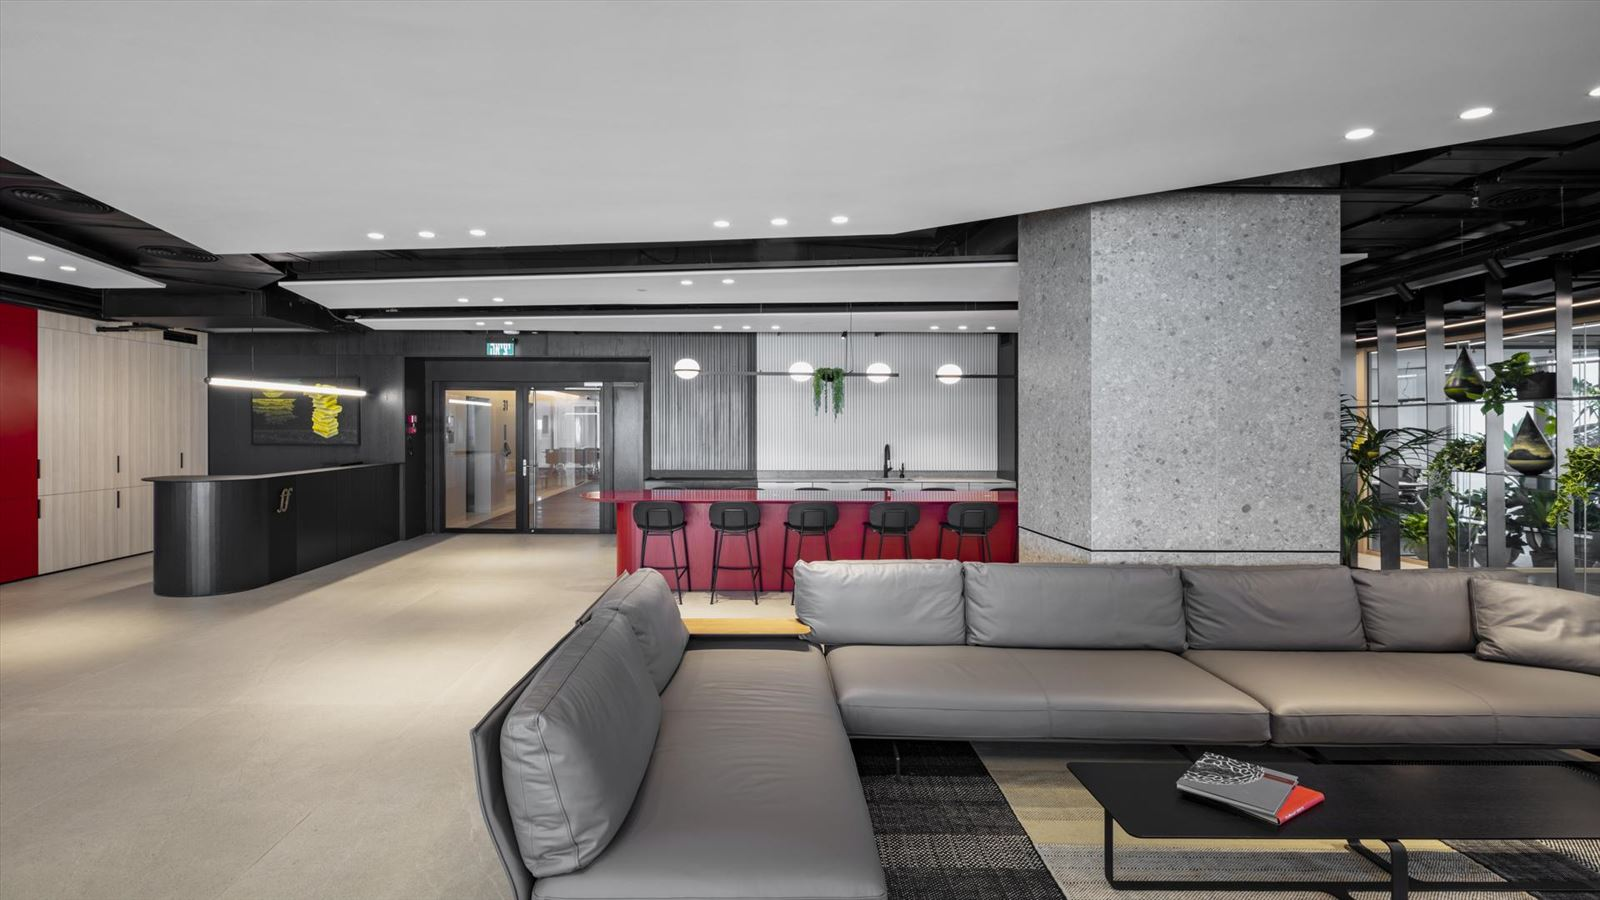 Fortissimo Offices – Tel Aviv מבט על מרחב המשרד עם גופי תאורה מיוחדים של דורי קמחי